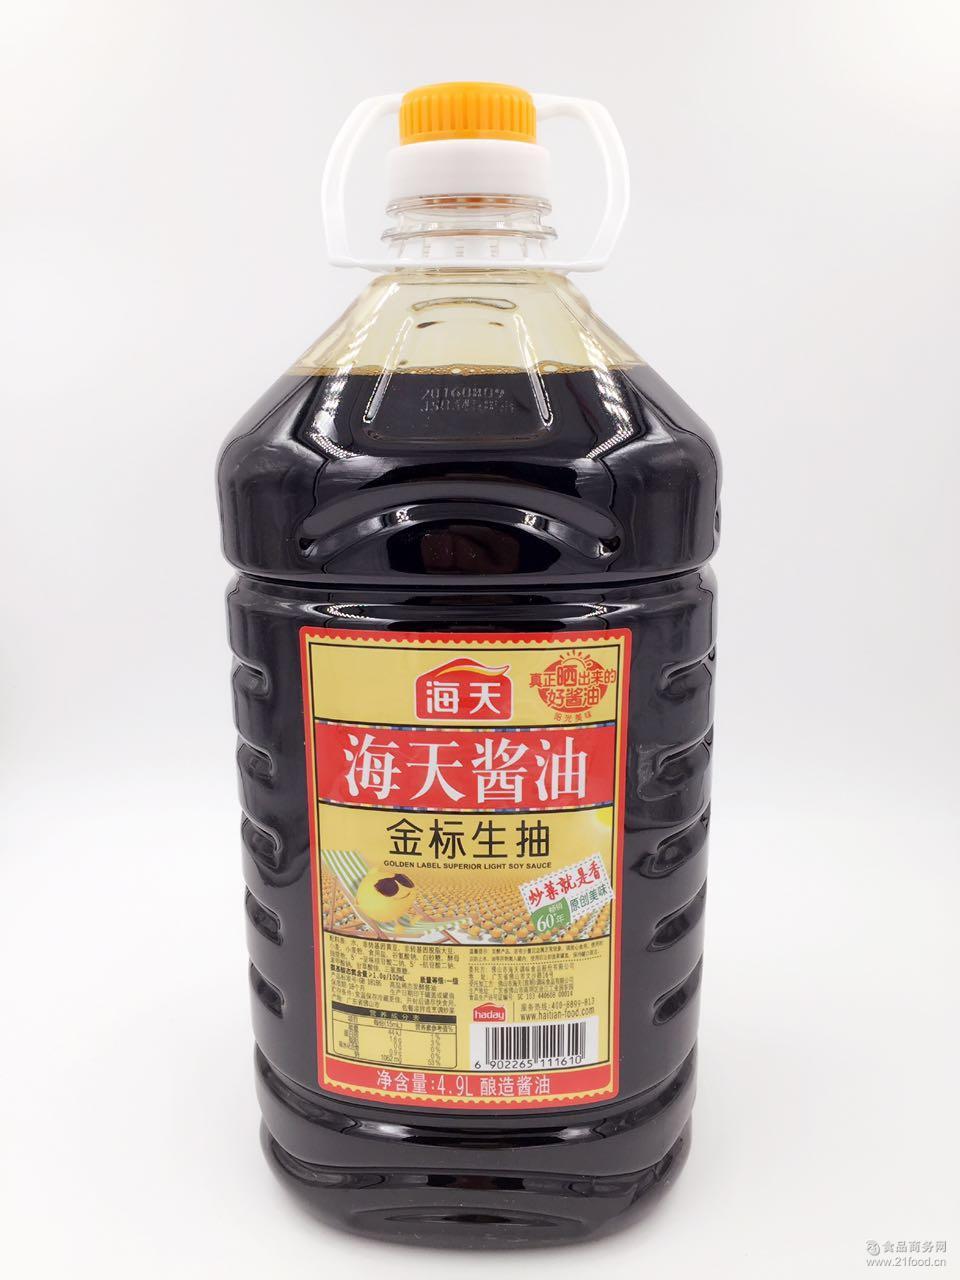 酿造酱油 调味品 生抽 *2罐 调料蘸料 海天金标生抽4.9l